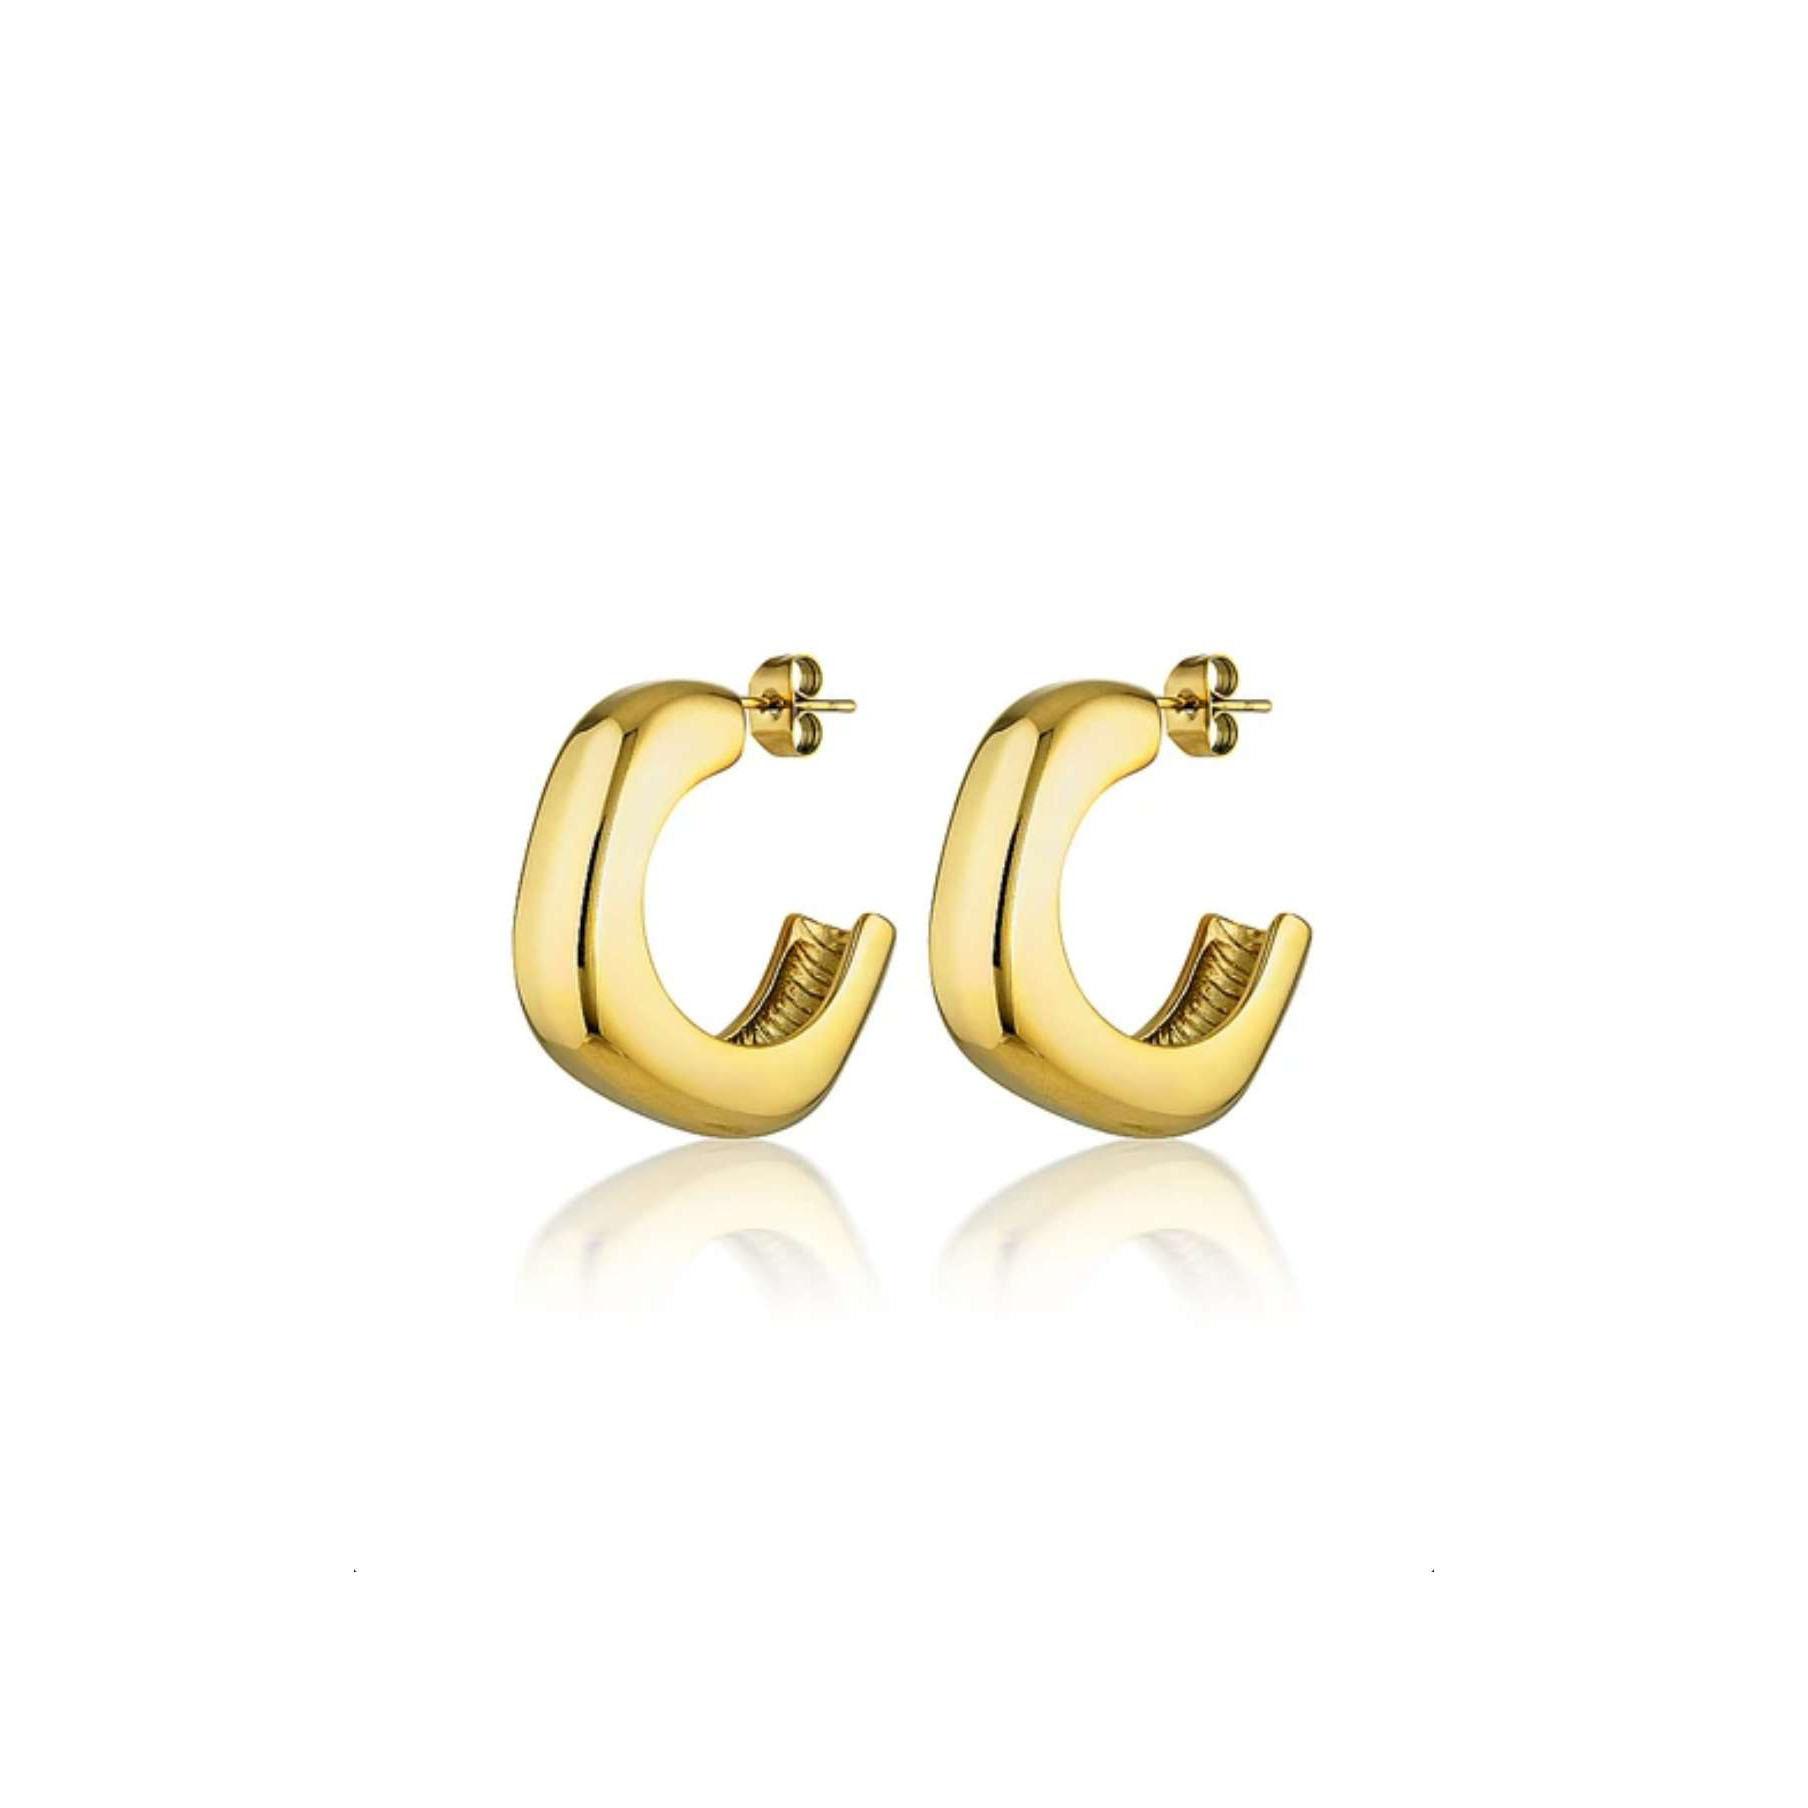 18K PVD Gold Plated Stainless Steel Hoop Earring Thick Hoop Earrings